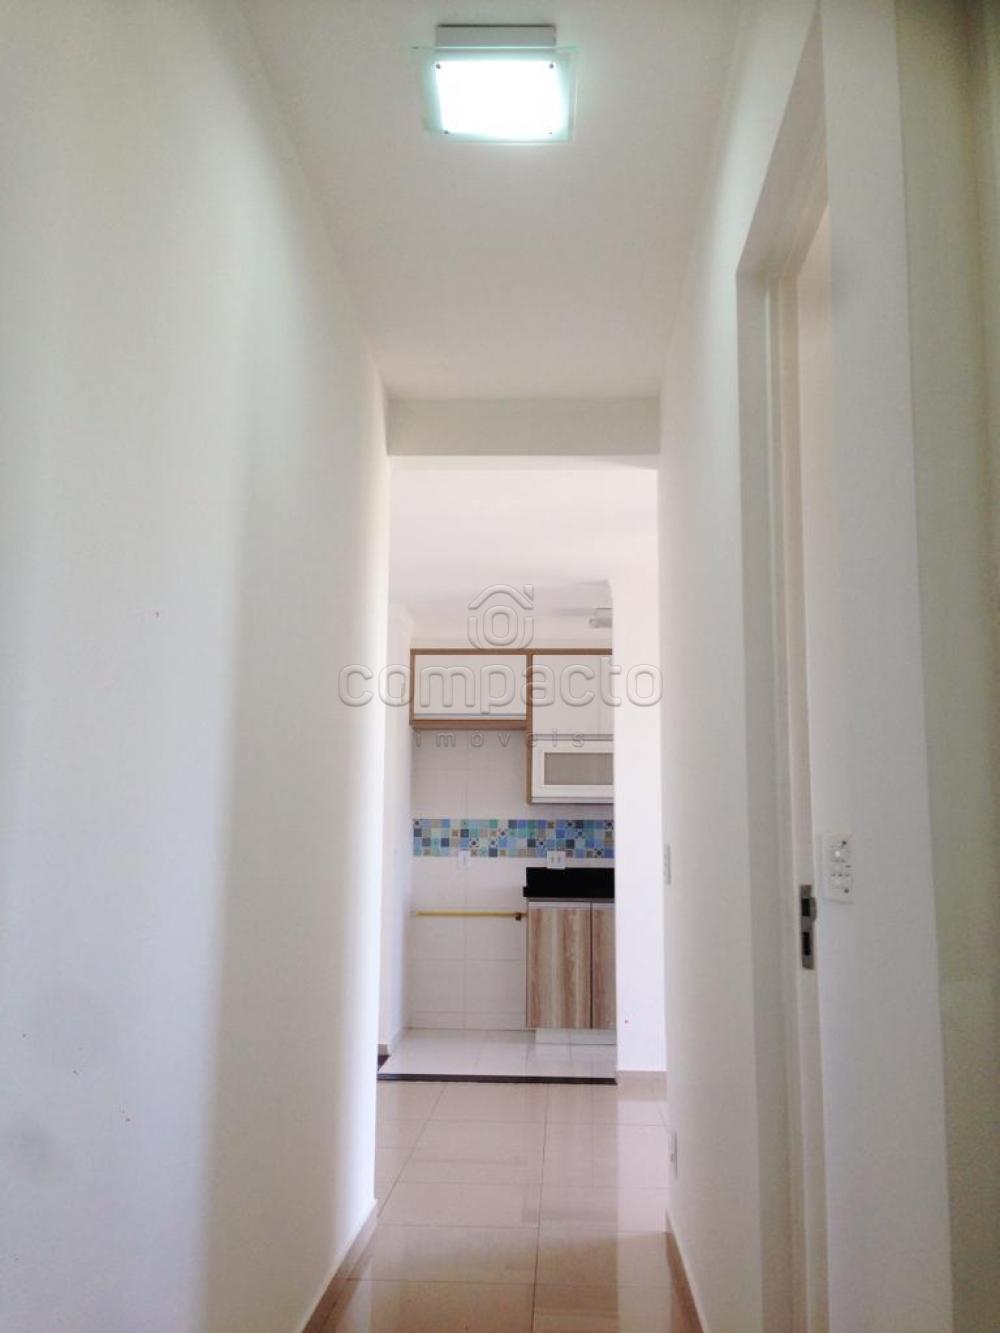 Comprar Apartamento / Padrão em São José do Rio Preto apenas R$ 240.000,00 - Foto 10